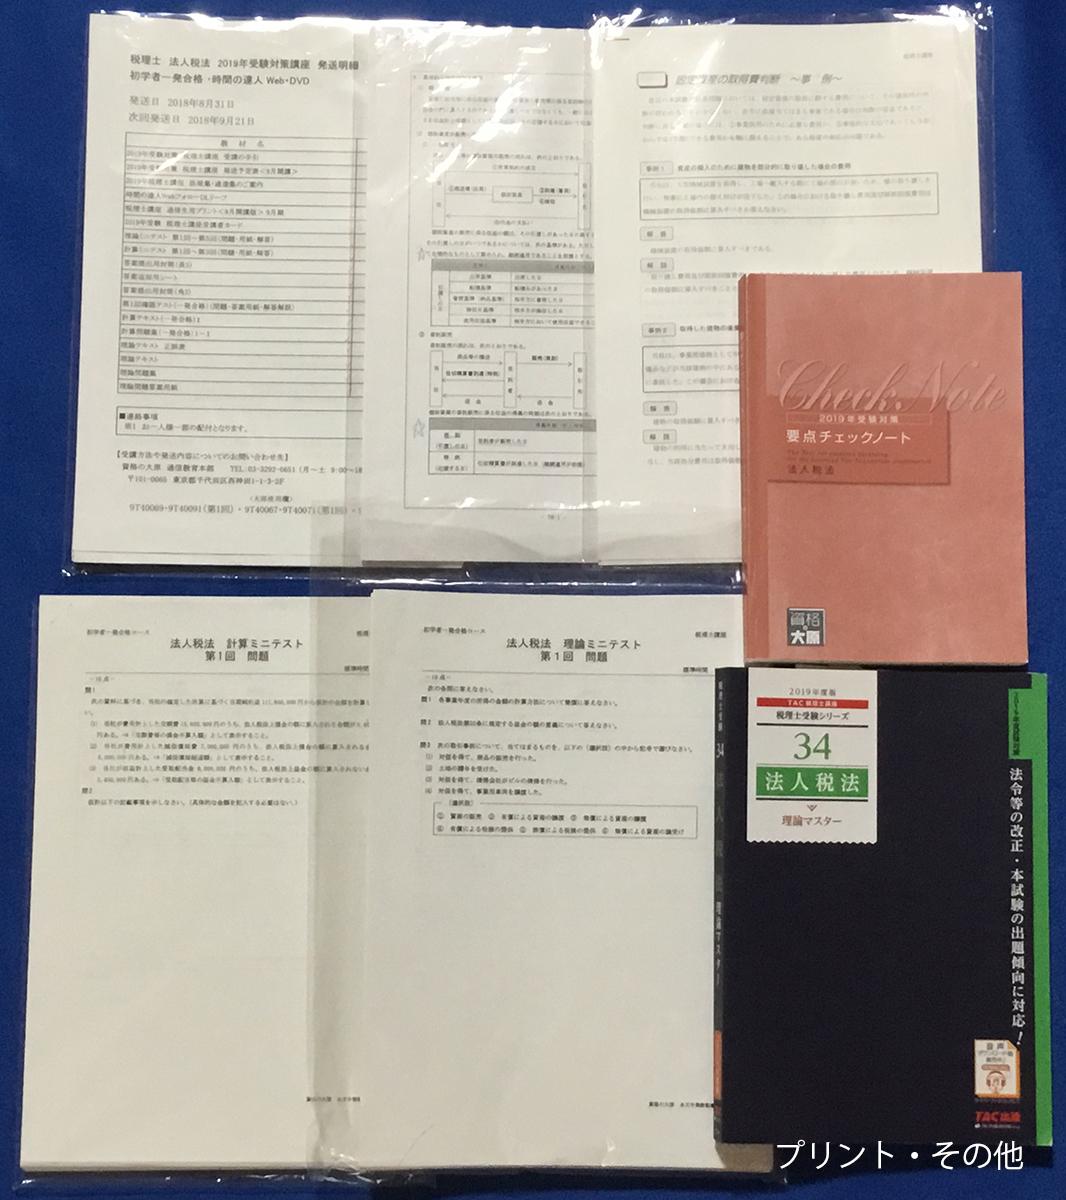 税理士試験 法人税法 2019受験対策 資格の大原 初学者一発合格コース(答練付き)_画像5